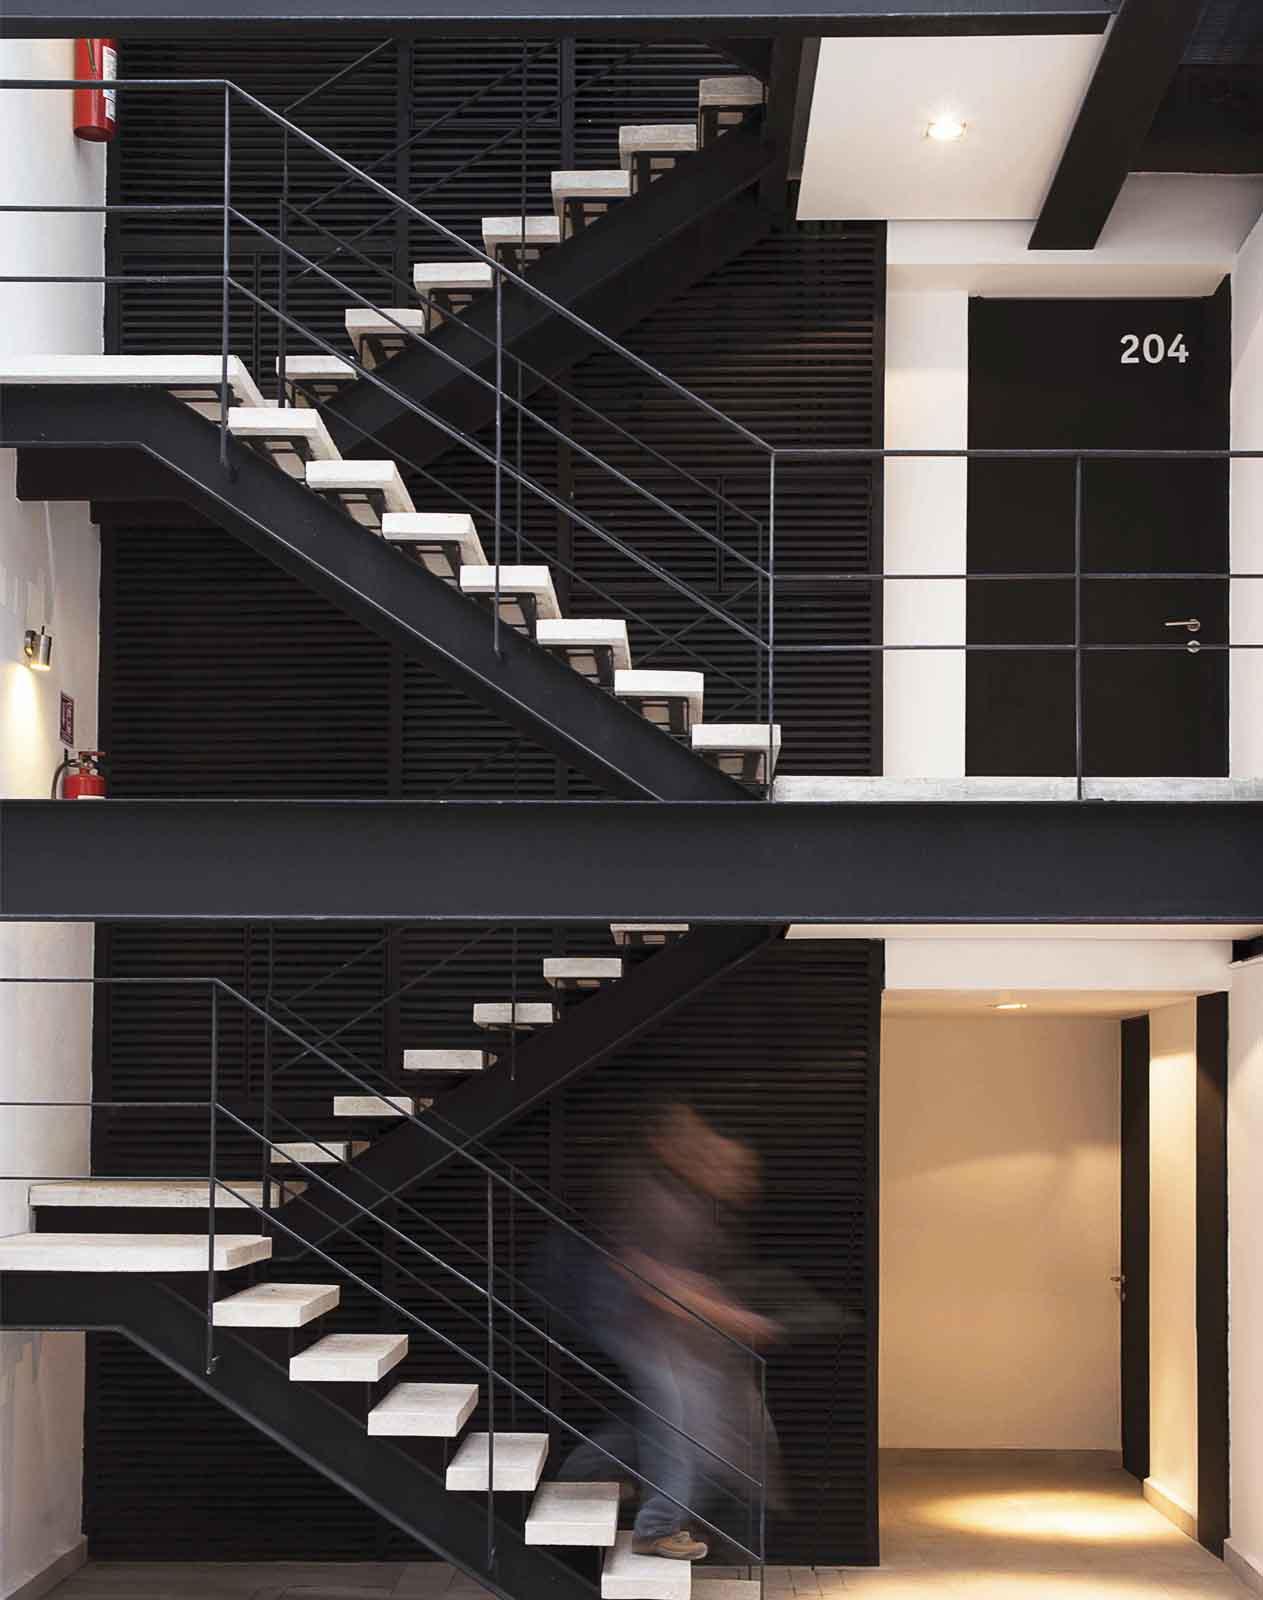 insignias-interiorismo-arquitectura-jsa-3